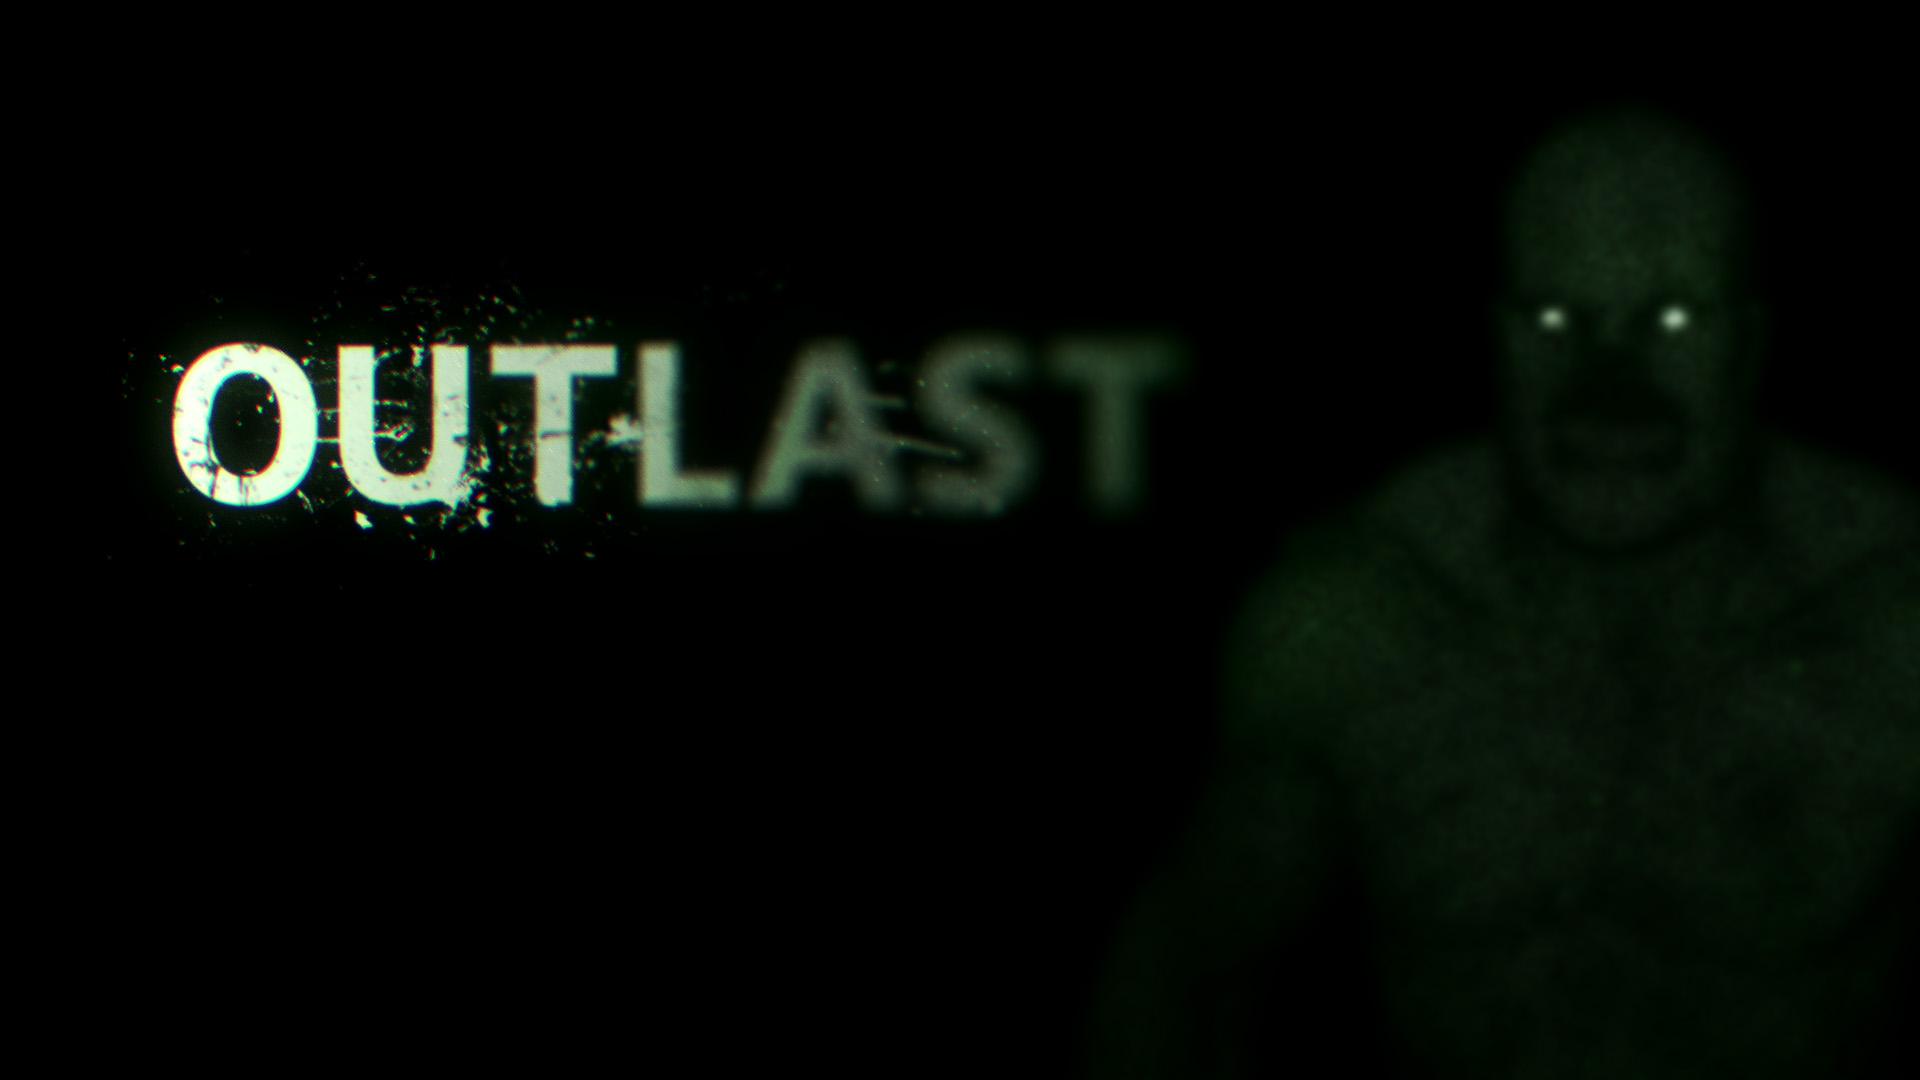 Outlast wallpaper 4